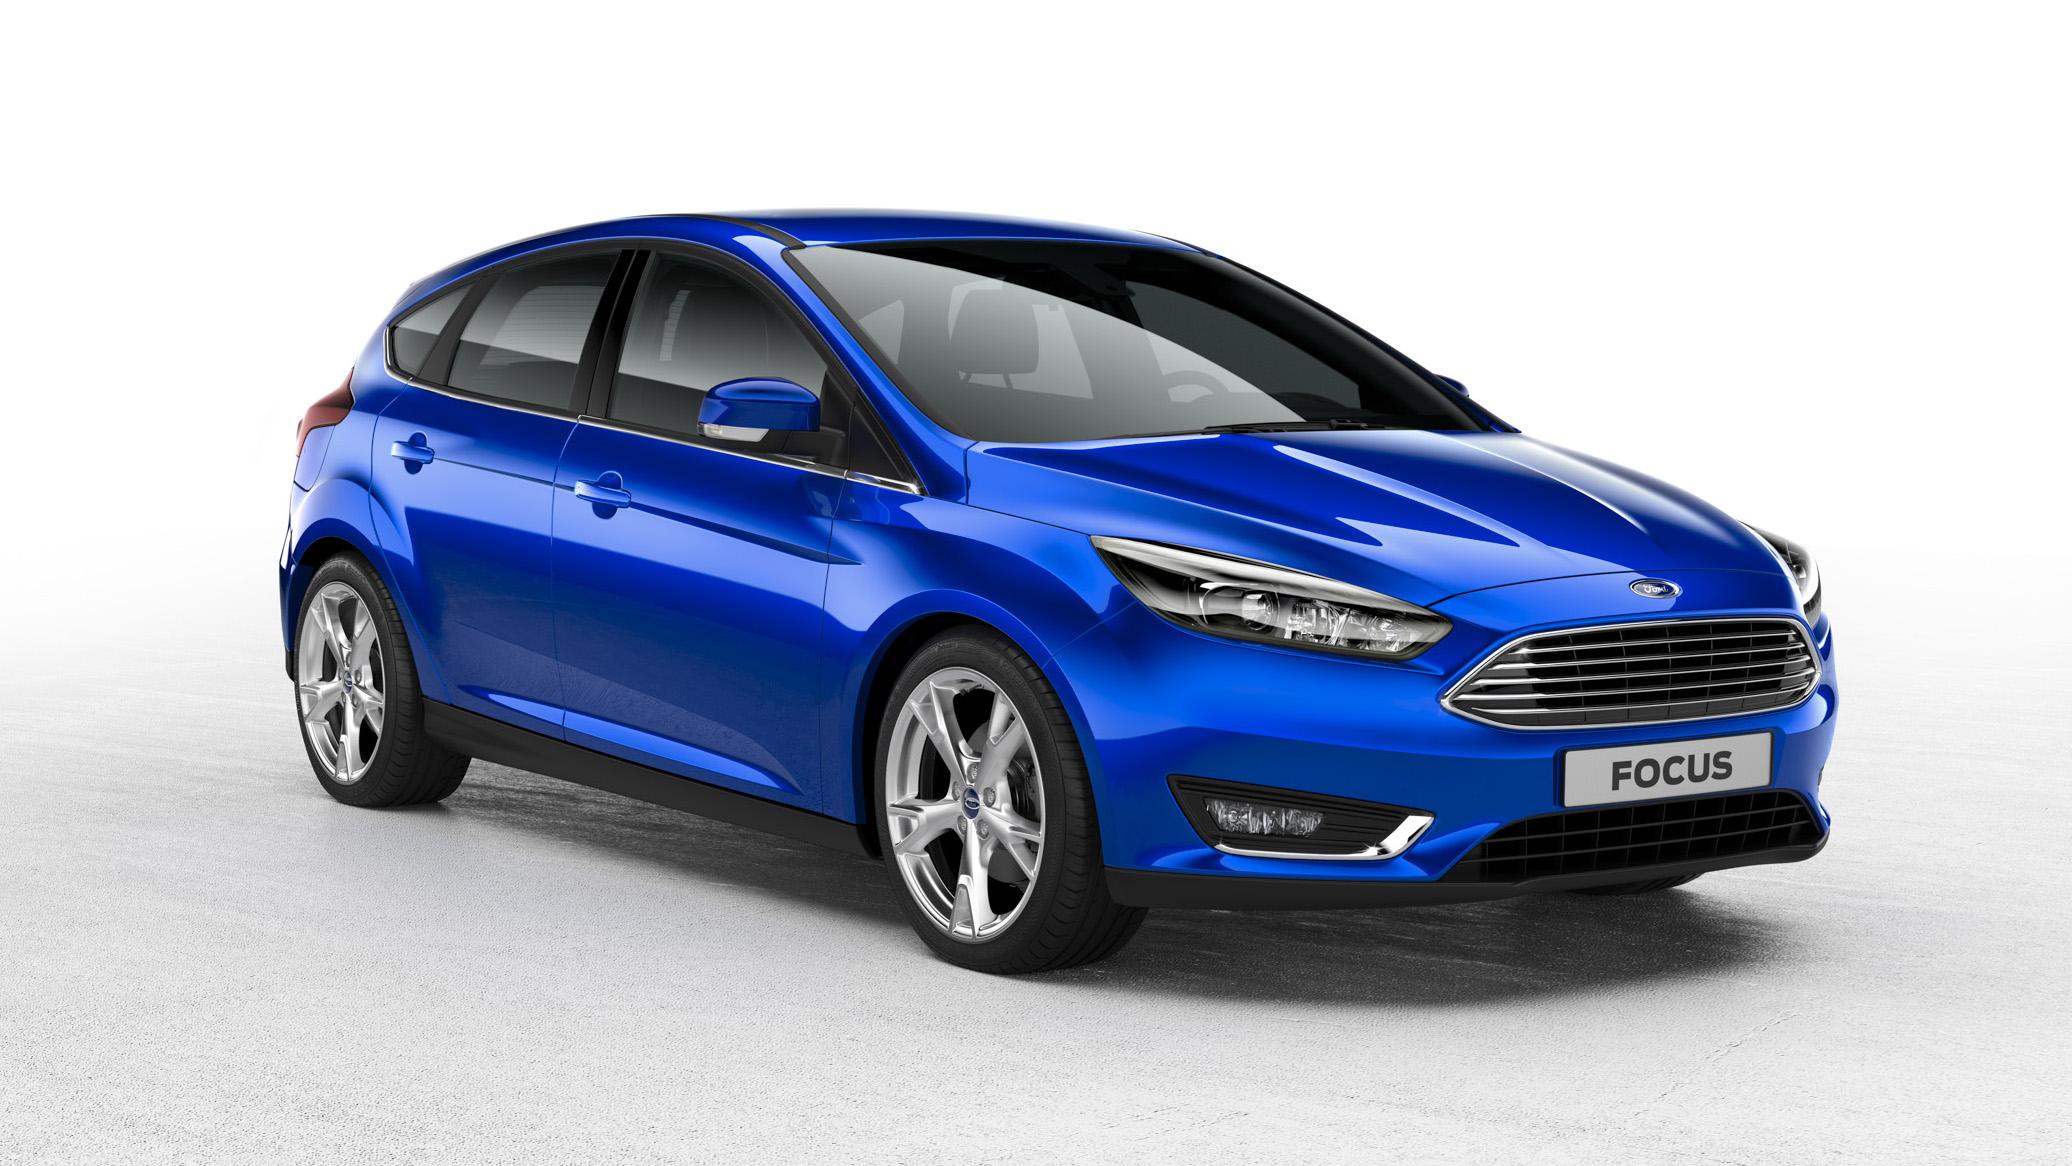 Ford_Focus_5Door_03_Crop.jpg